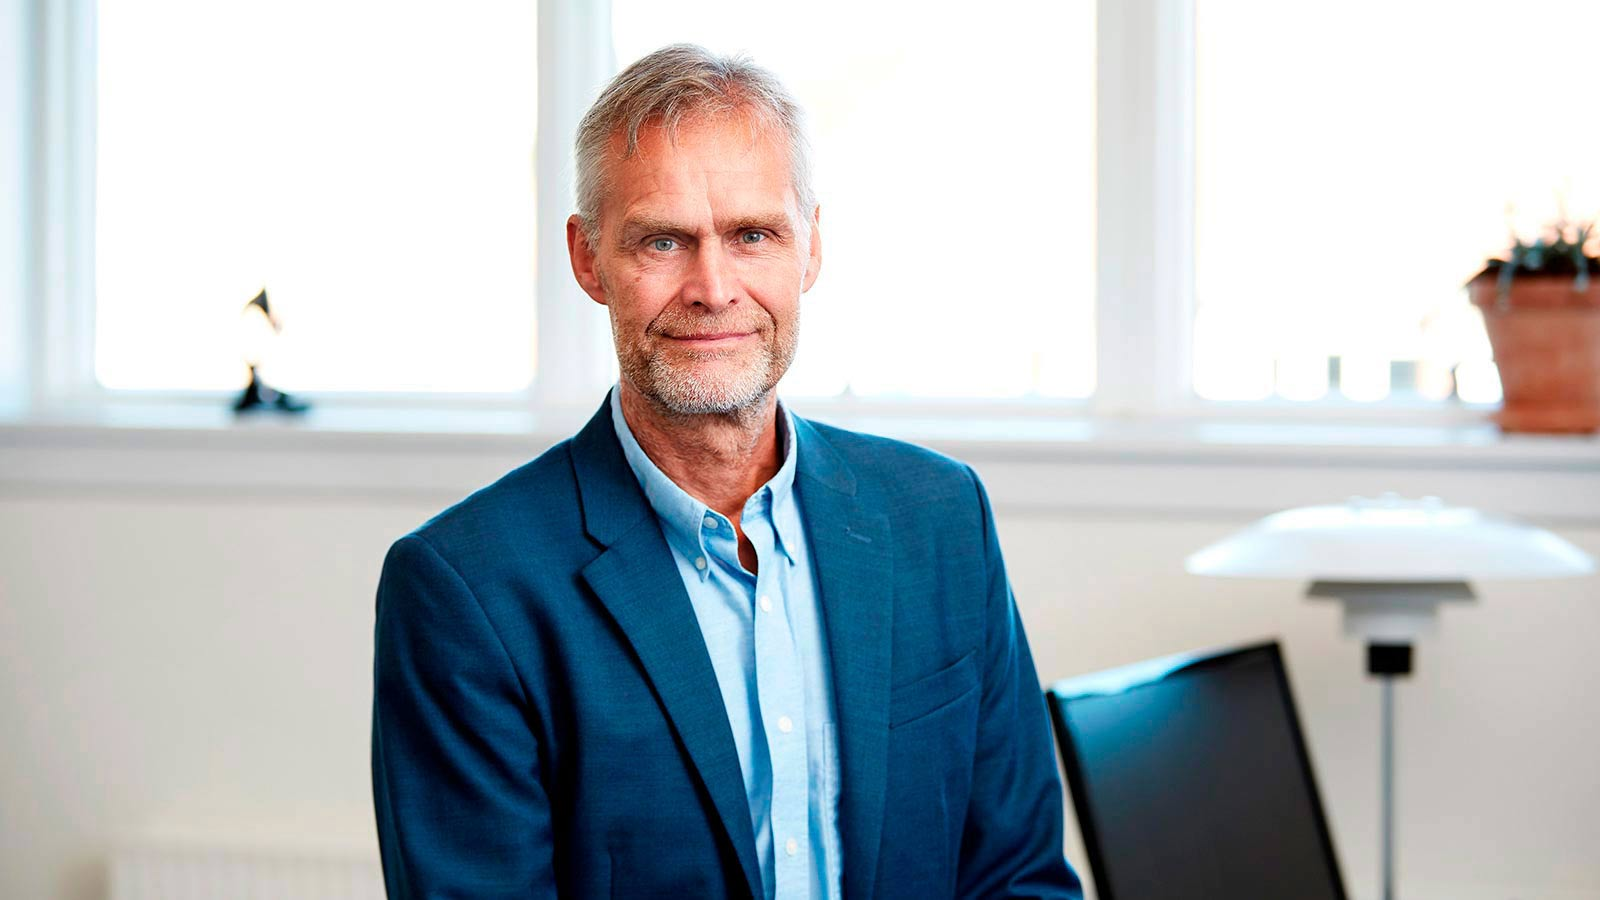 Ole Schou, Founder